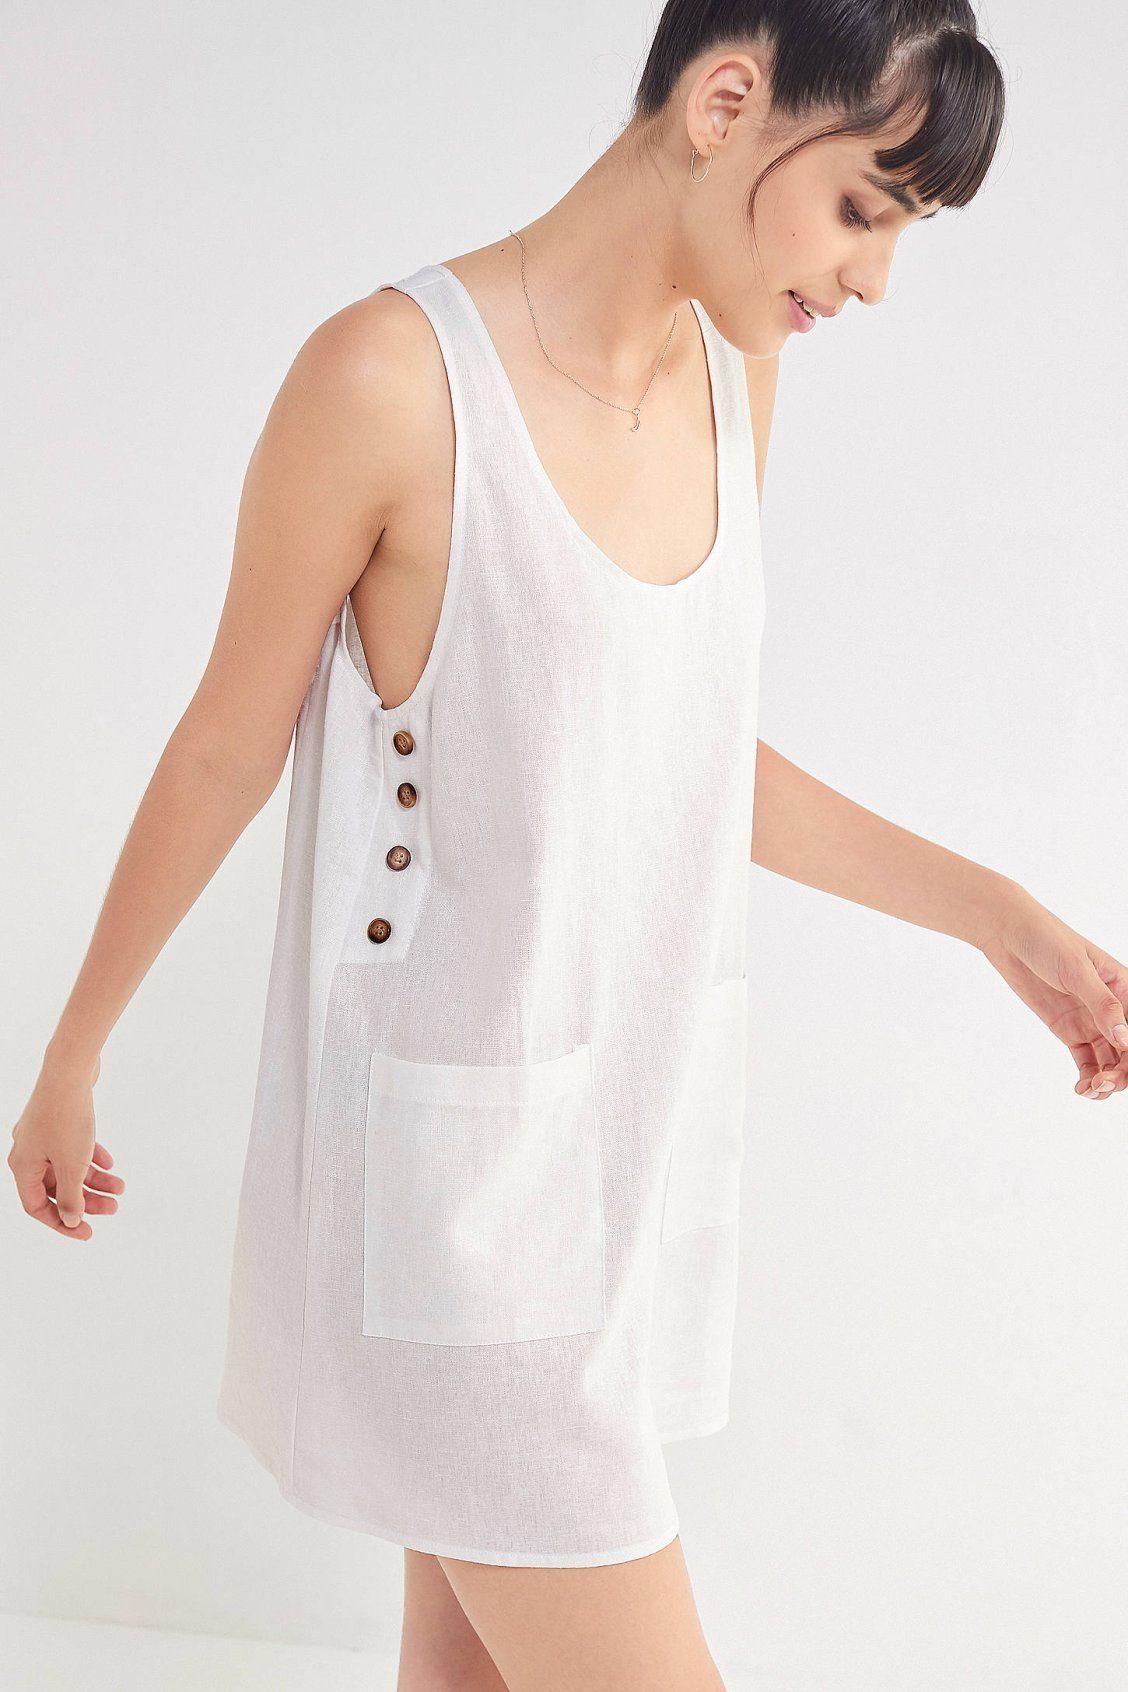 7dafae8b0a6 Urban Renewal Remnants Side-Button Linen Dress